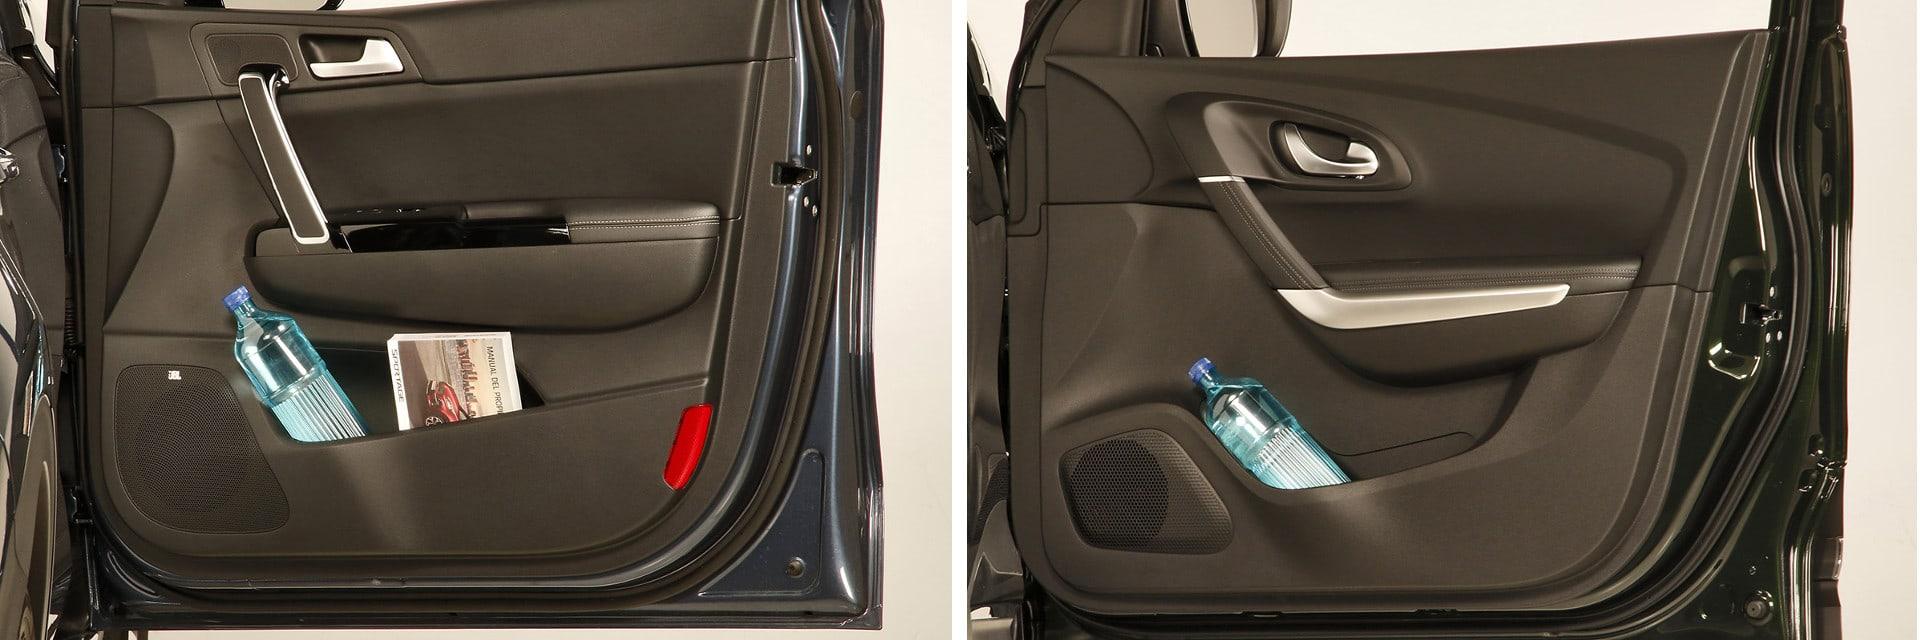 Ambos modelos tienen suficientes espacios en el interior para almacenar pequeños objetos del día a día. / km77